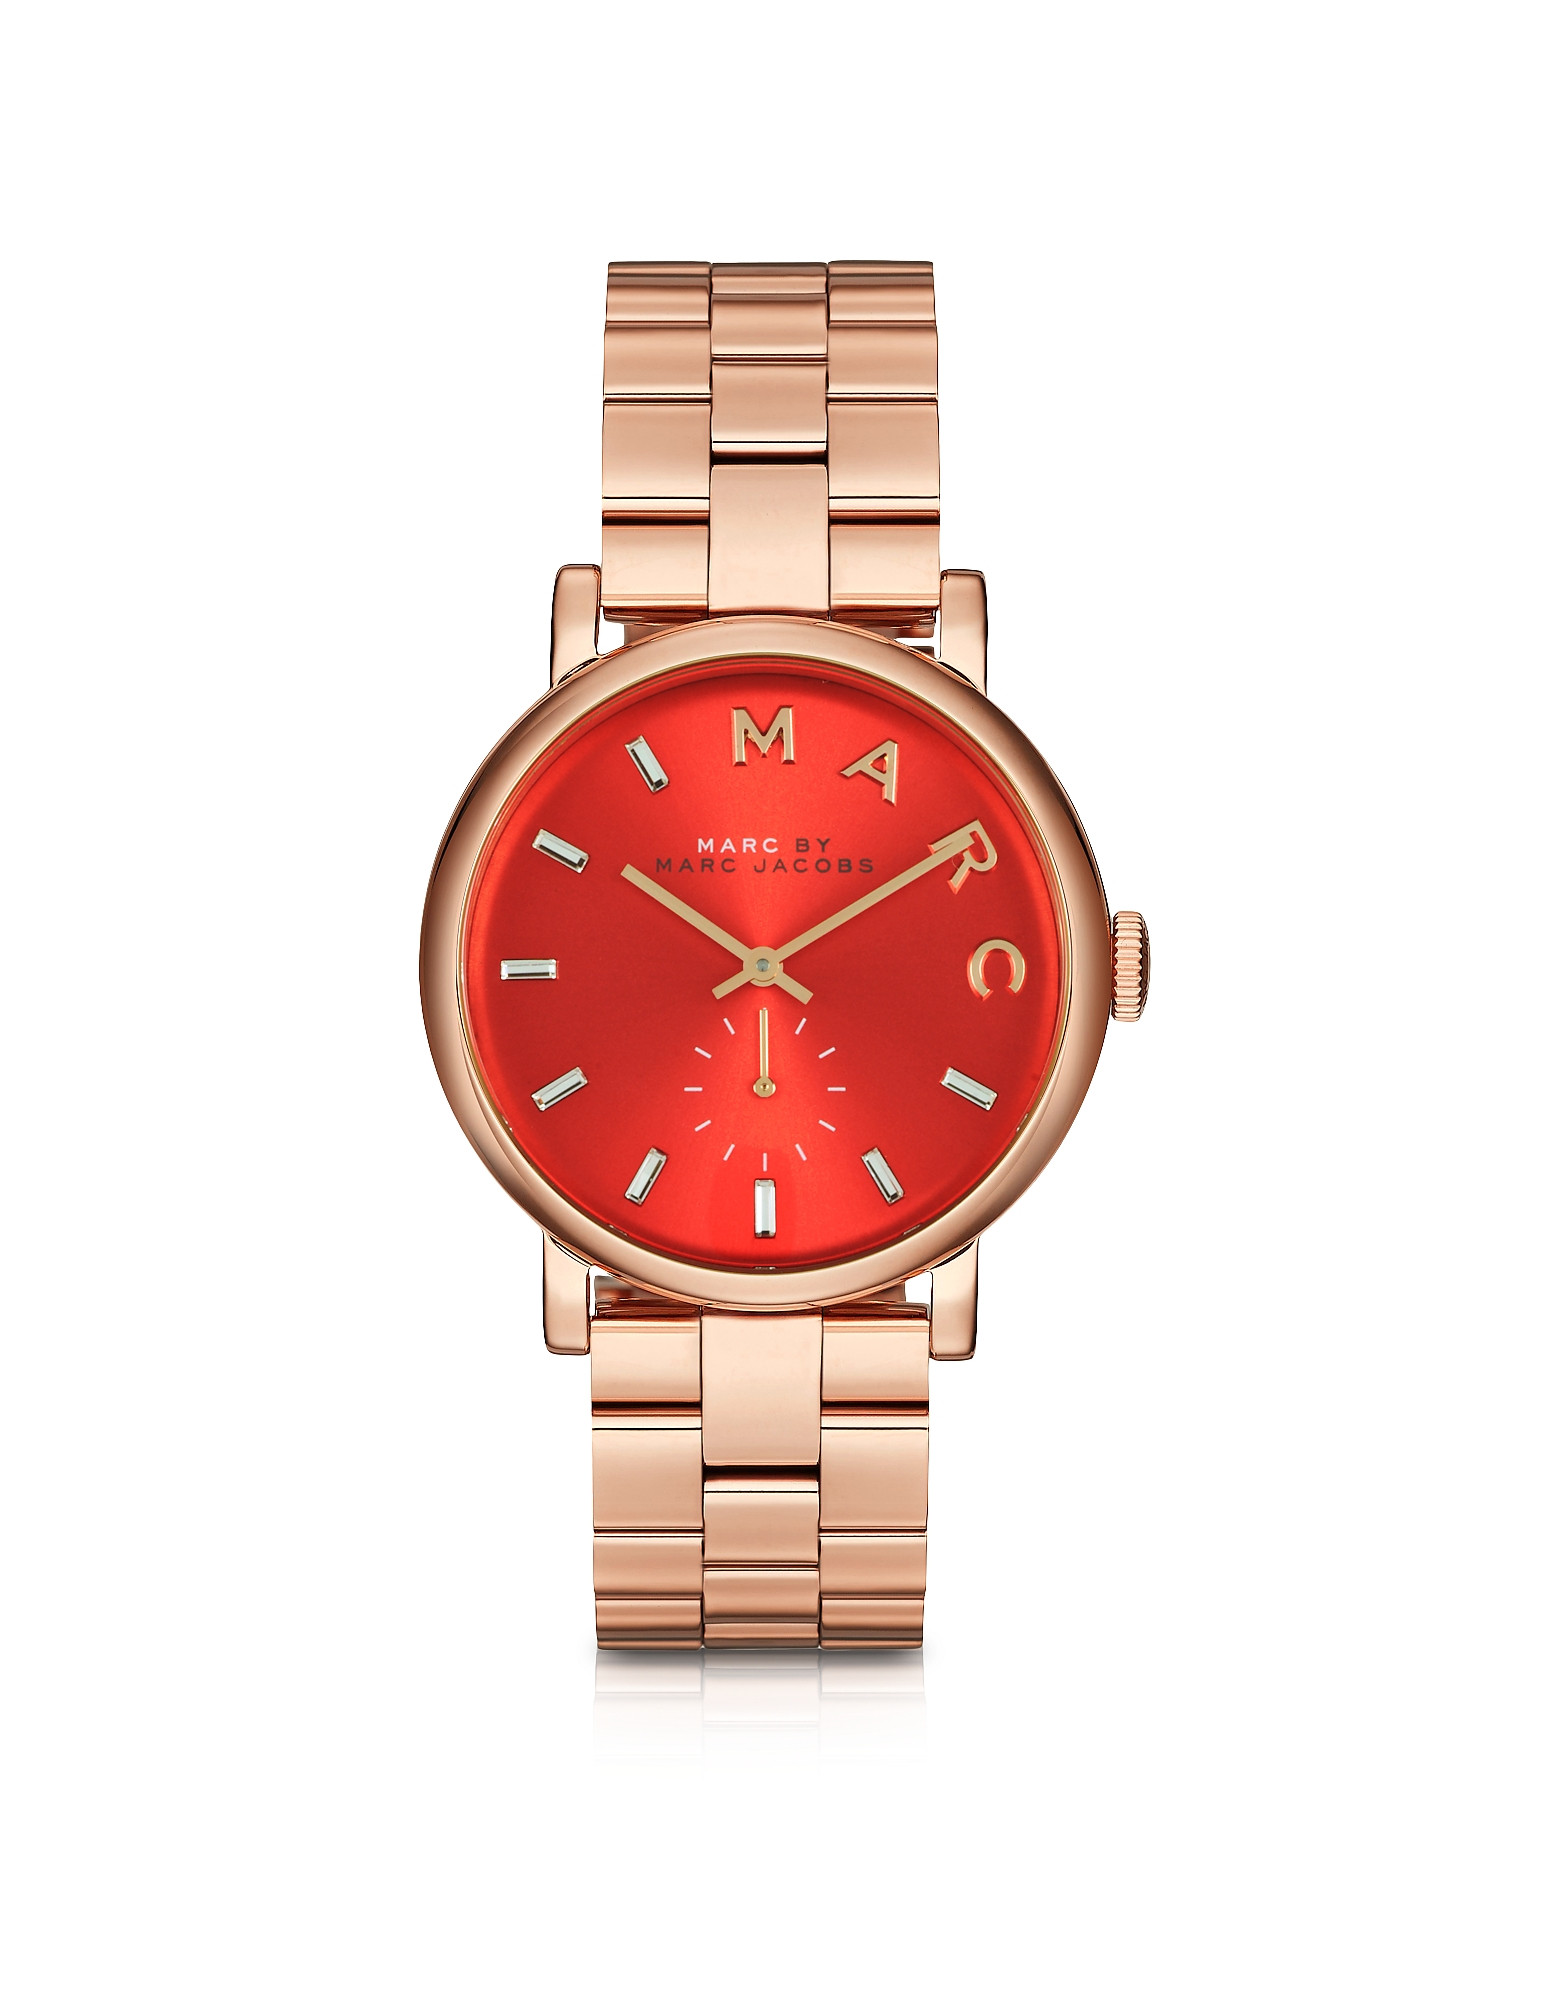 Baker - 36 мм Женские Часы из Нержавеющей Стали с Красным Циферблатом